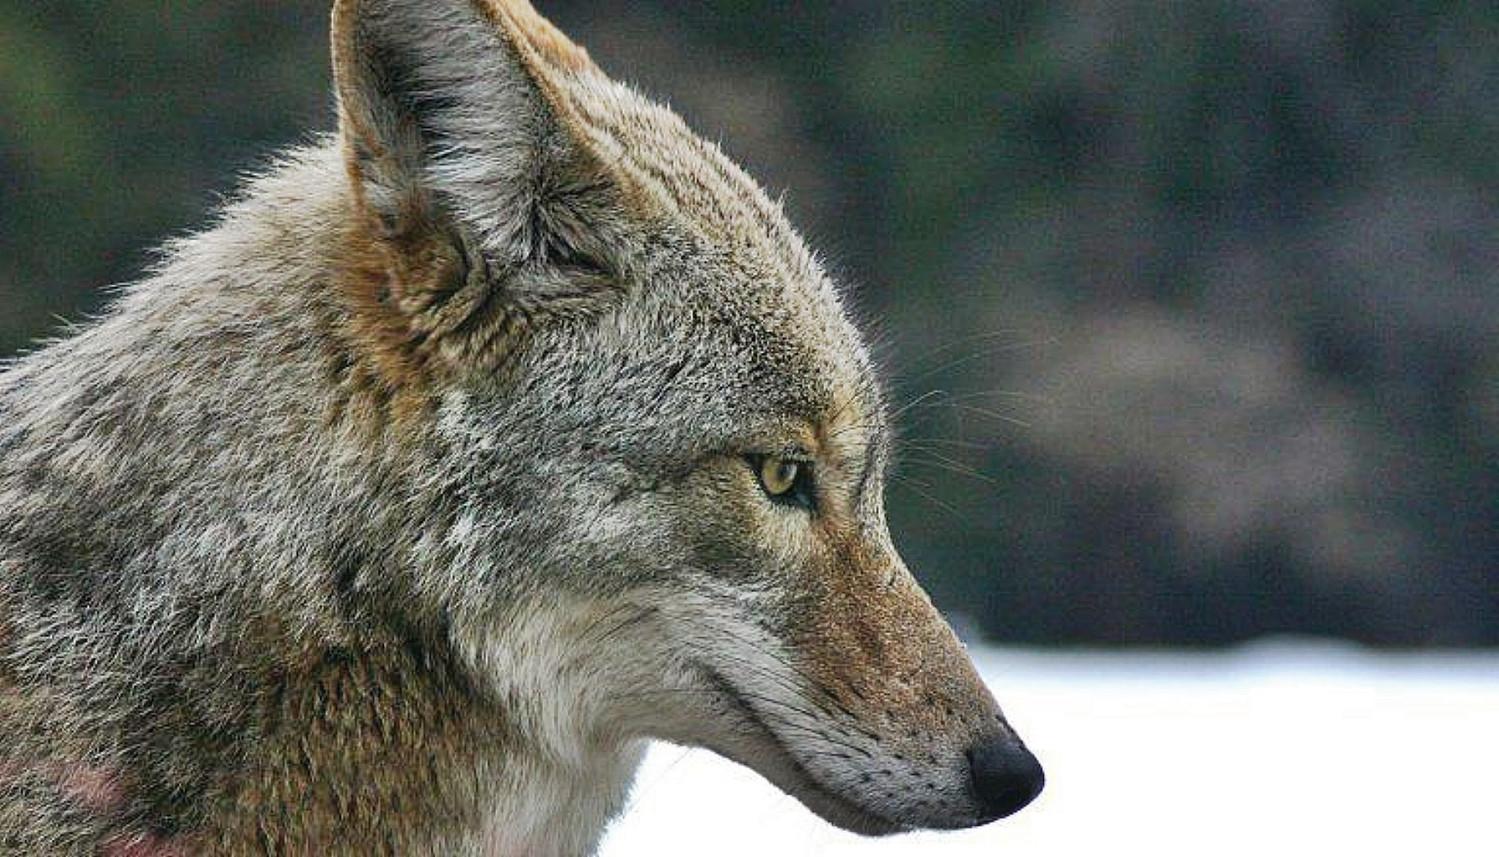 EUA: Proibição de competições de caça a coiotes em Vermont avança após longo debate